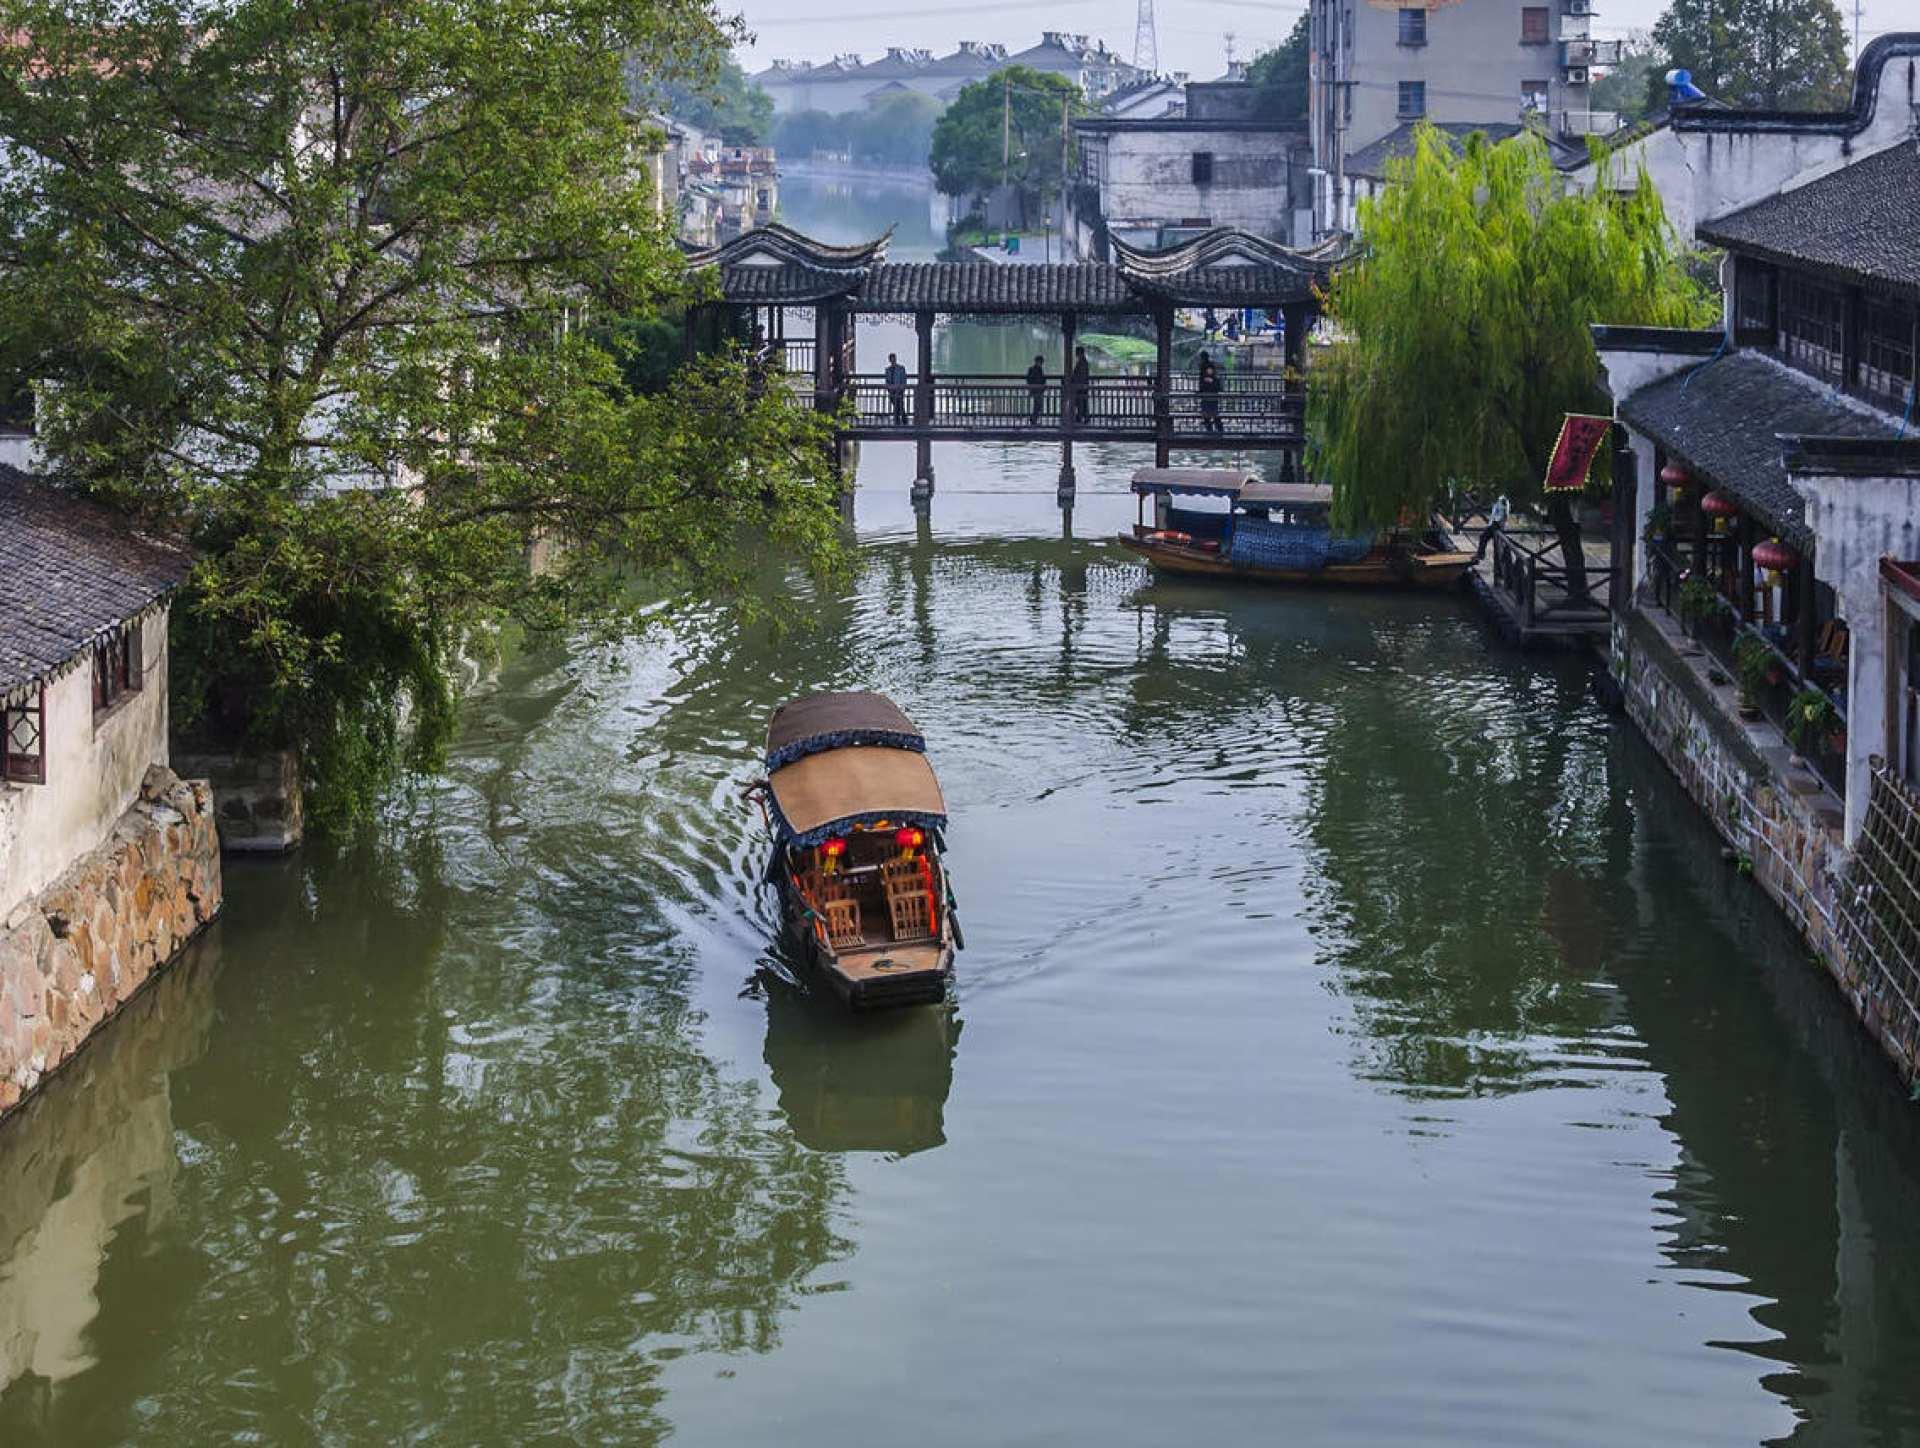 【中國上海景點】上海朱家角水鄉古鎮八景點聯票